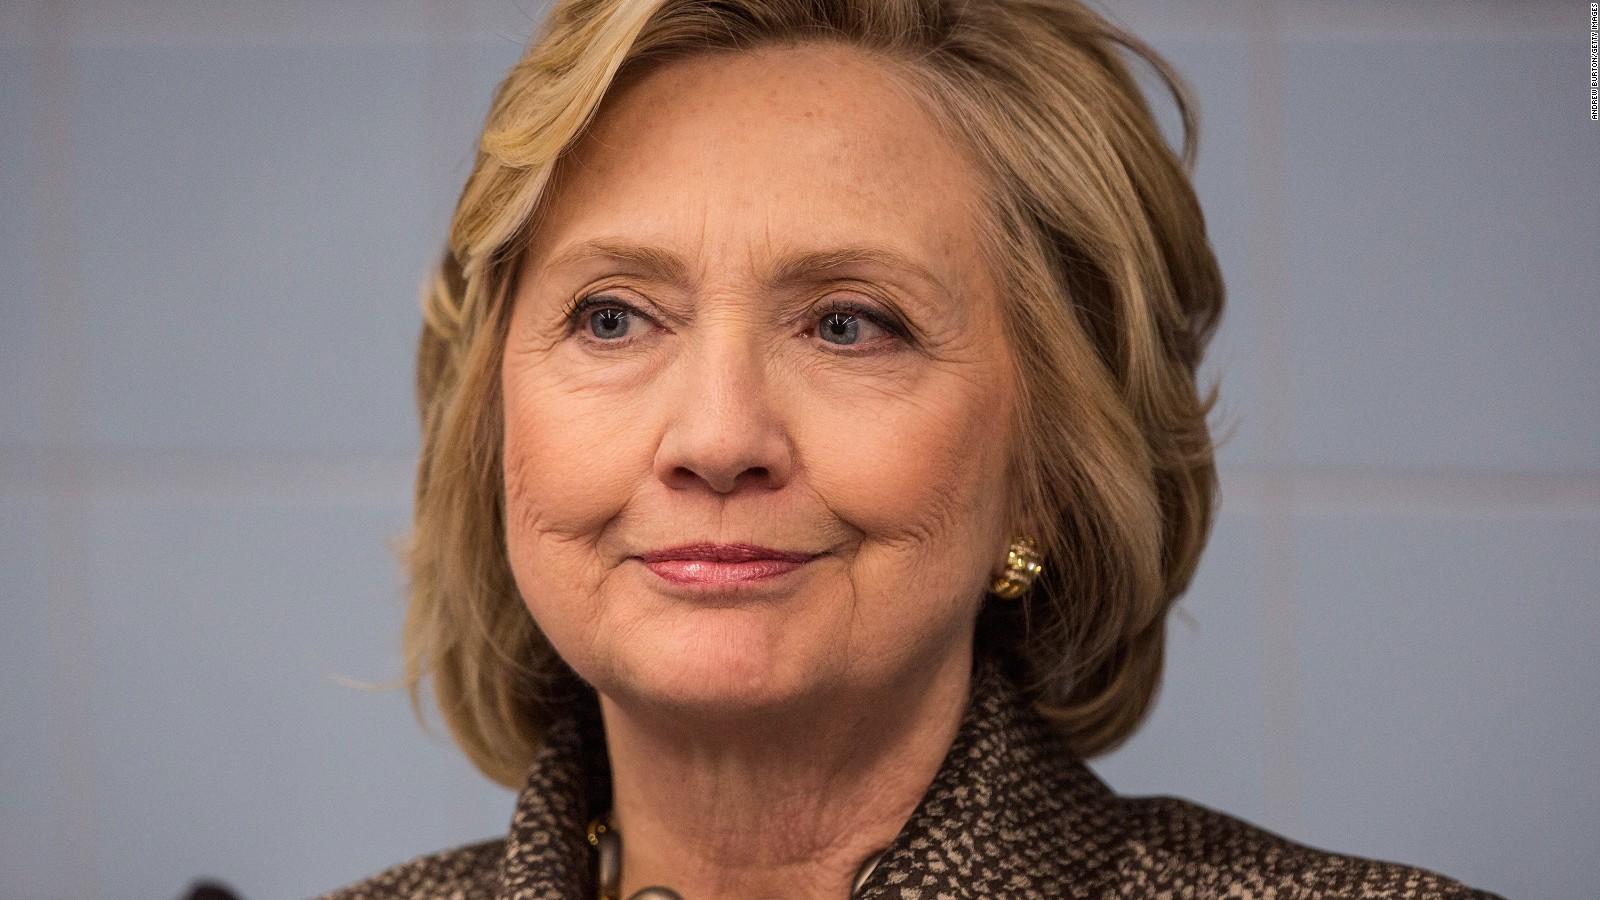 Hillary Clinton No Makeup Cnn   Mugeek Vidalondon. Hillary Clinton No Makeup Cnn   Mugeek Vidalondon